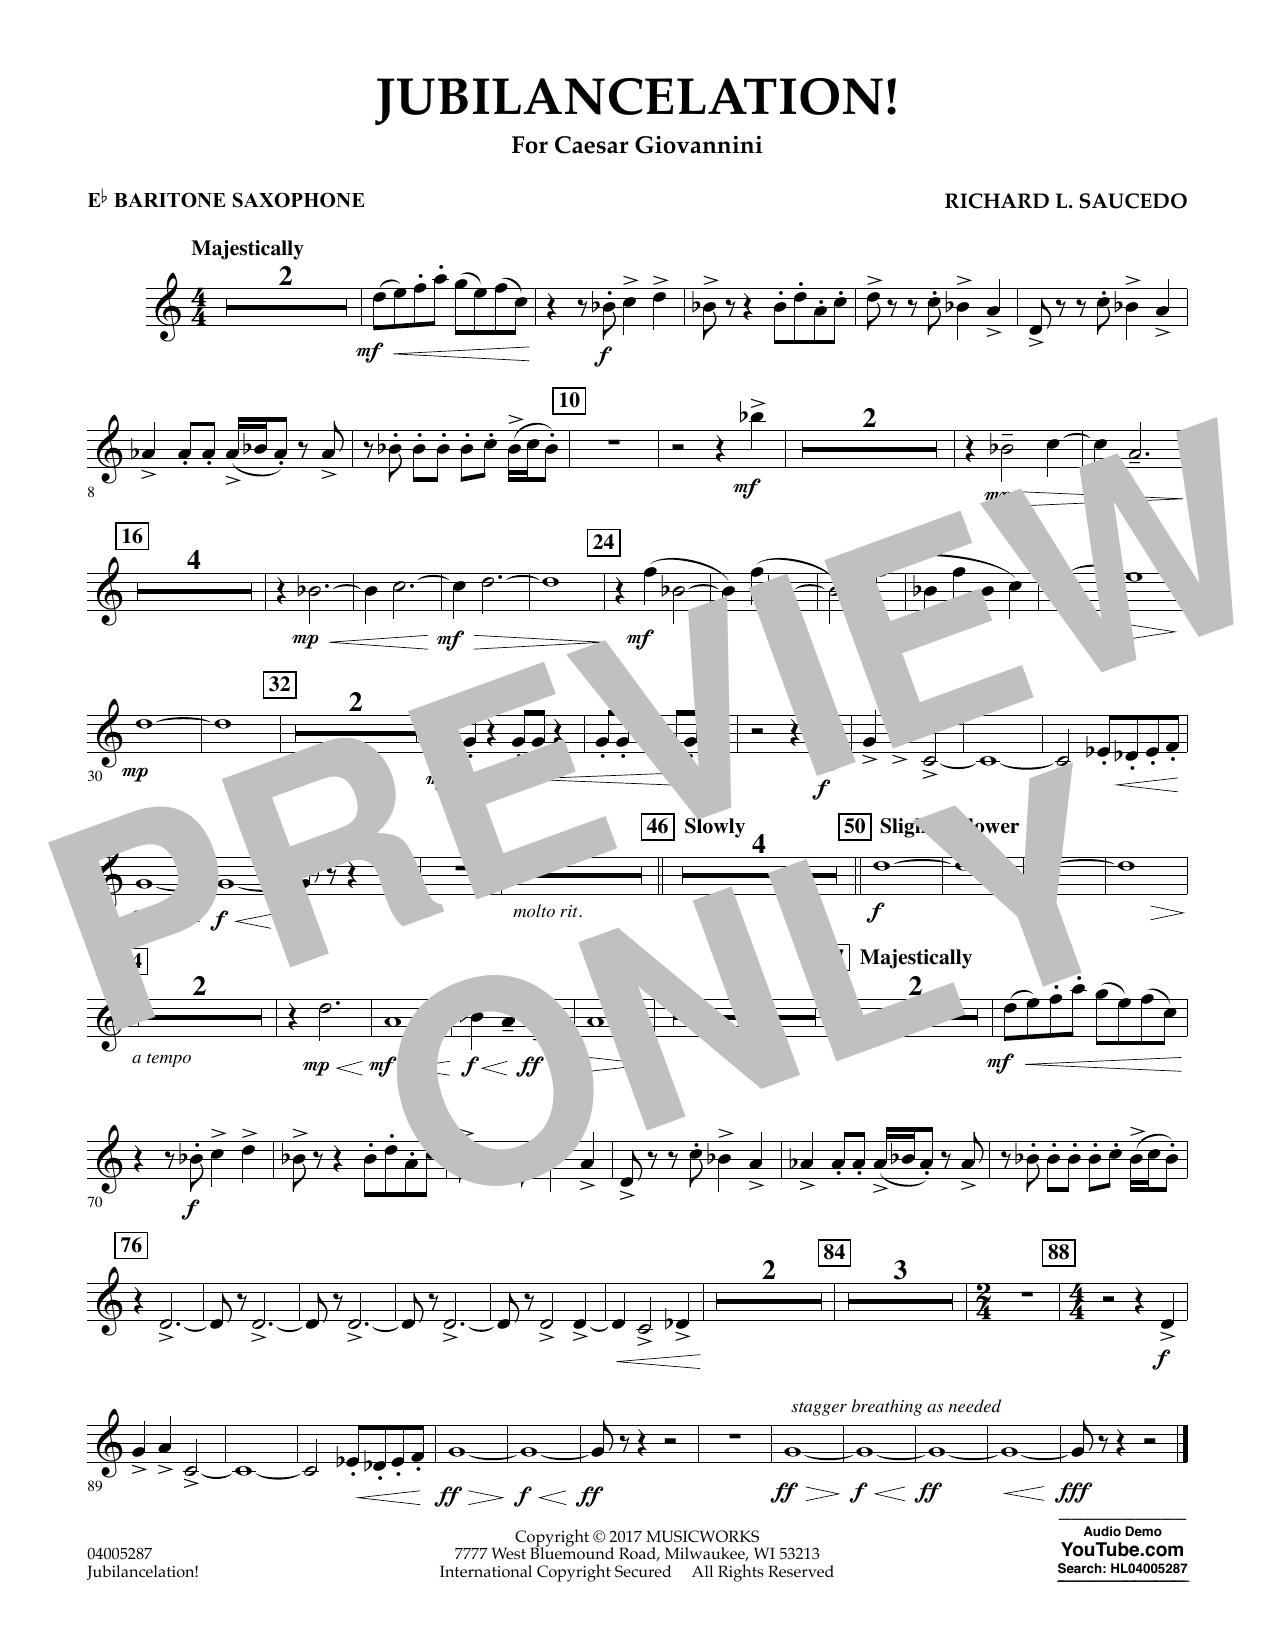 Jubilancelation! - Eb Baritone Saxophone